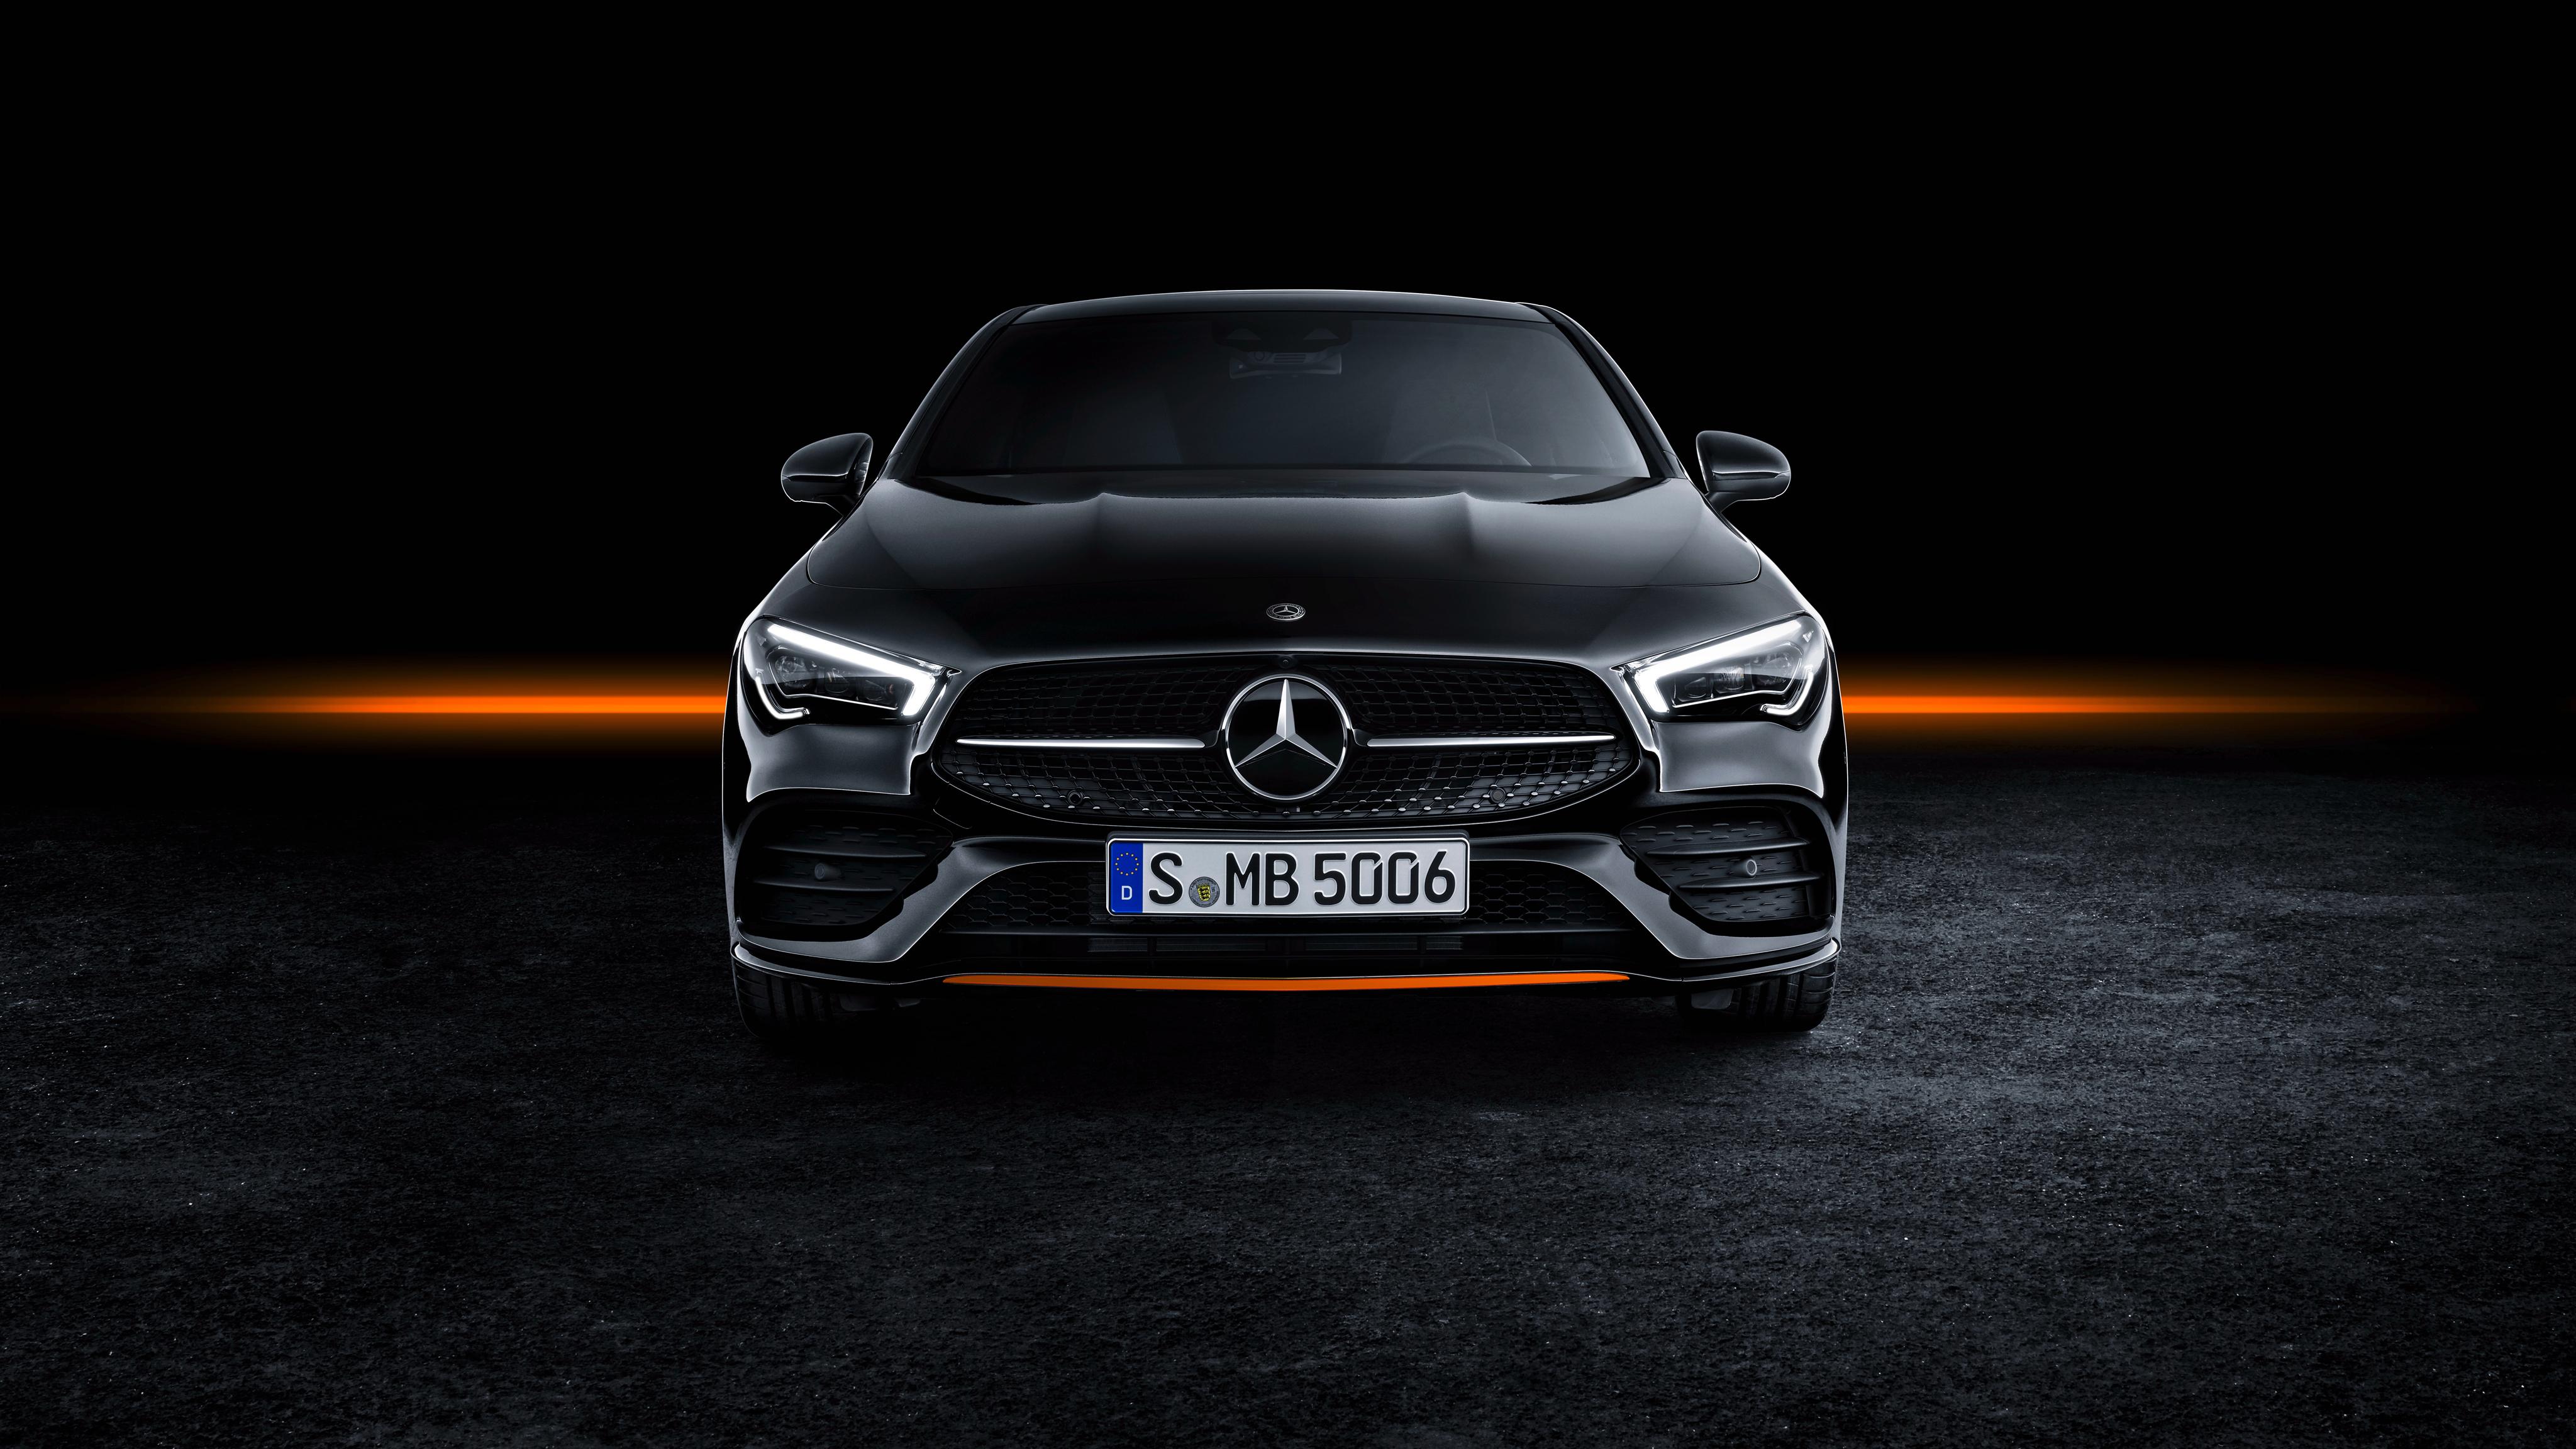 Mercedes Benz Cla 250 Amg Line Edition Orange Art 2019 4k 2